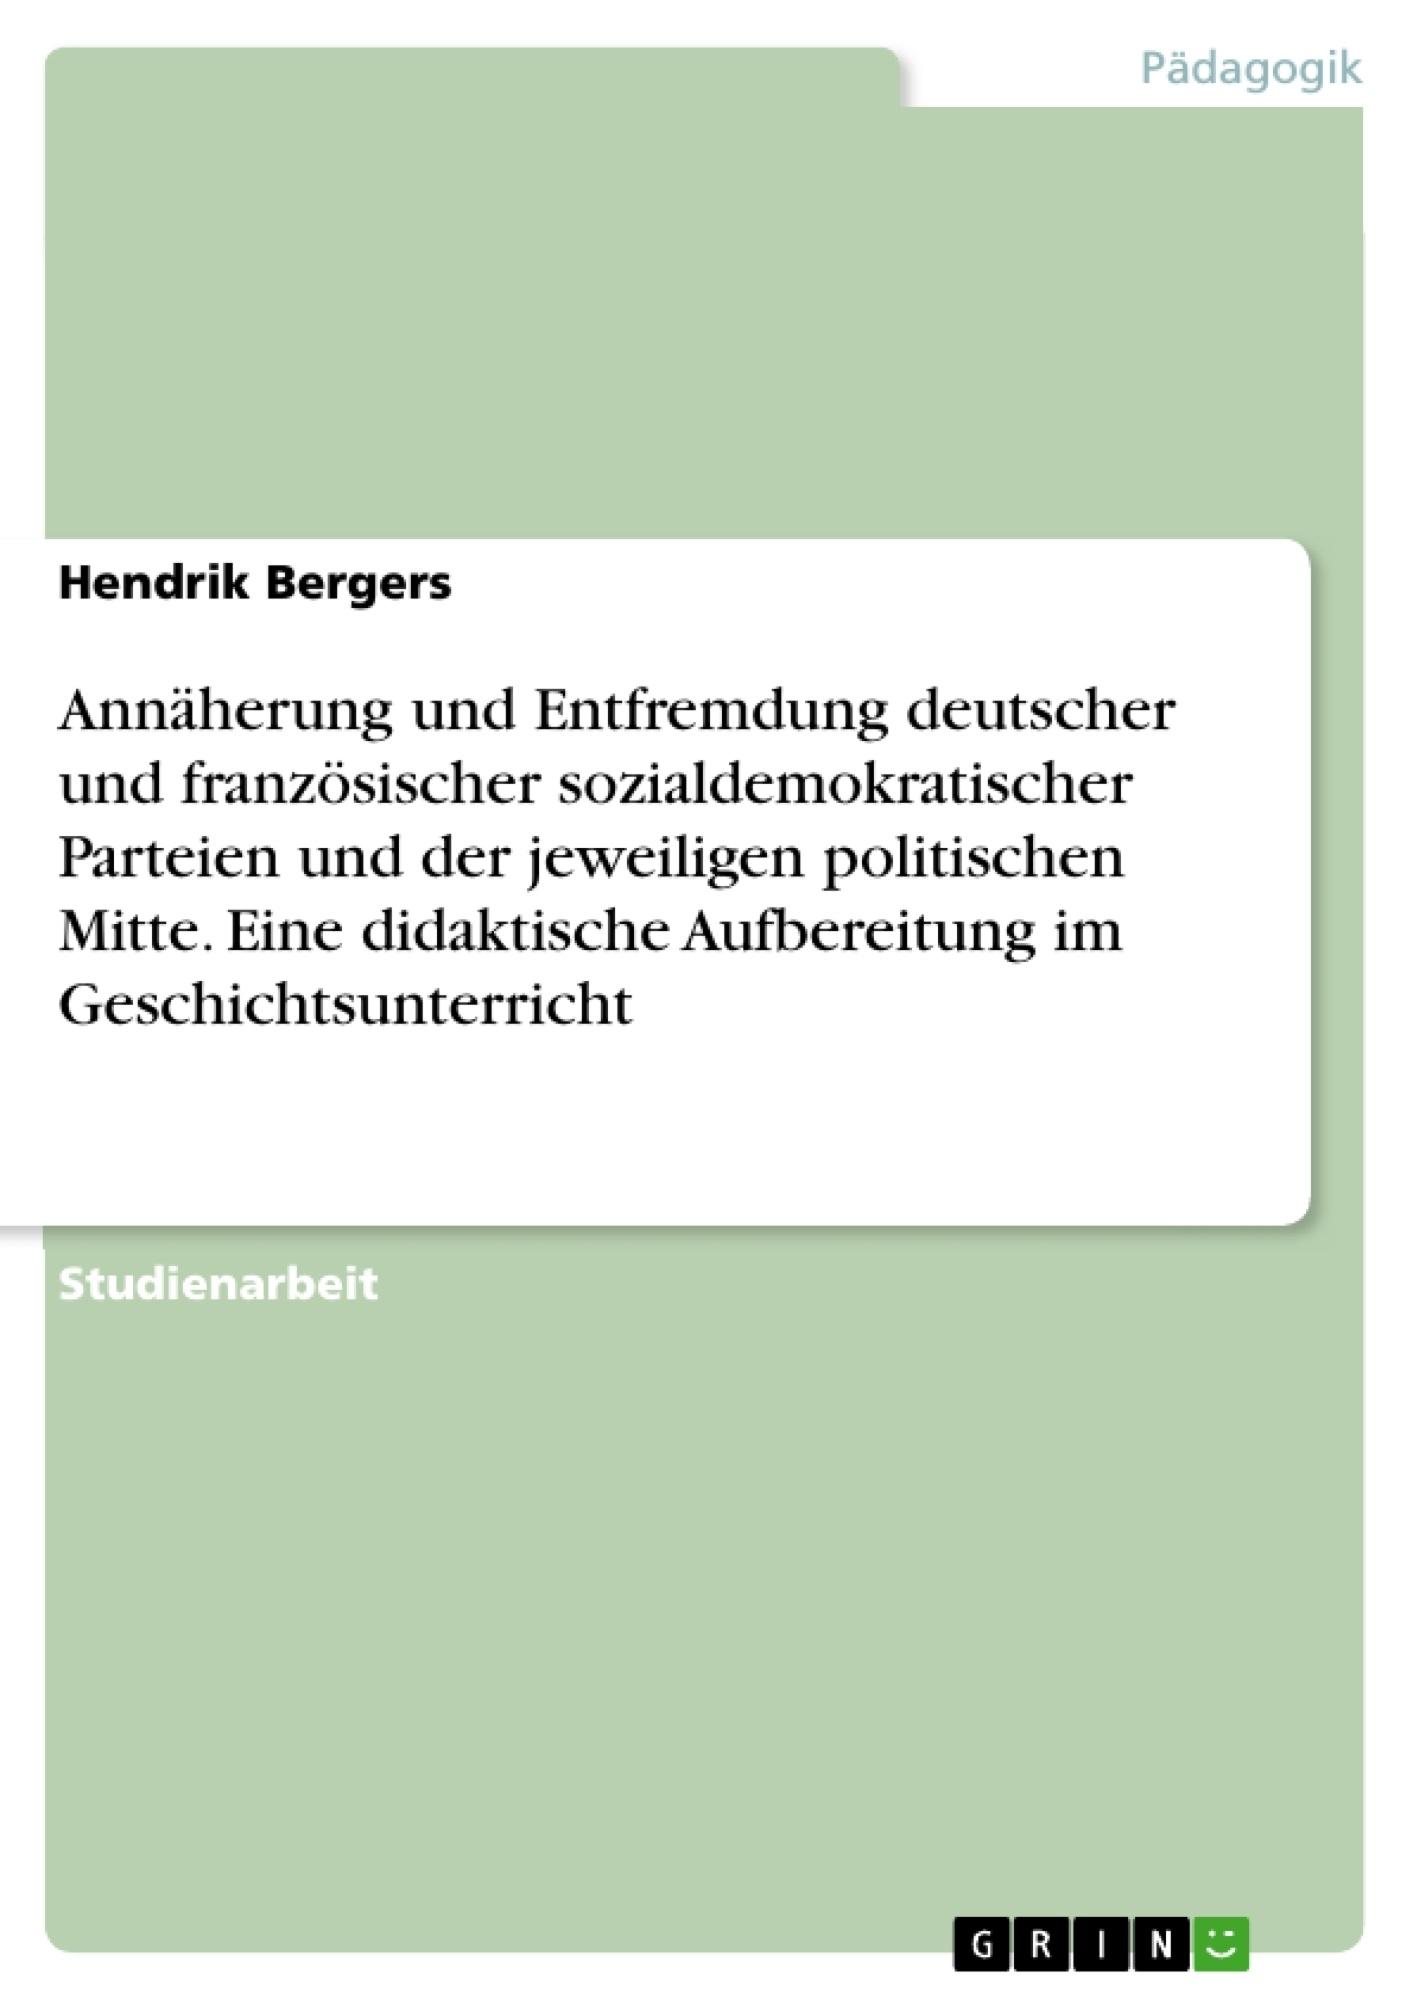 Titel: Annäherung und Entfremdung deutscher und französischer sozialdemokratischer Parteien und der jeweiligen politischen Mitte. Eine didaktische Aufbereitung im Geschichtsunterricht